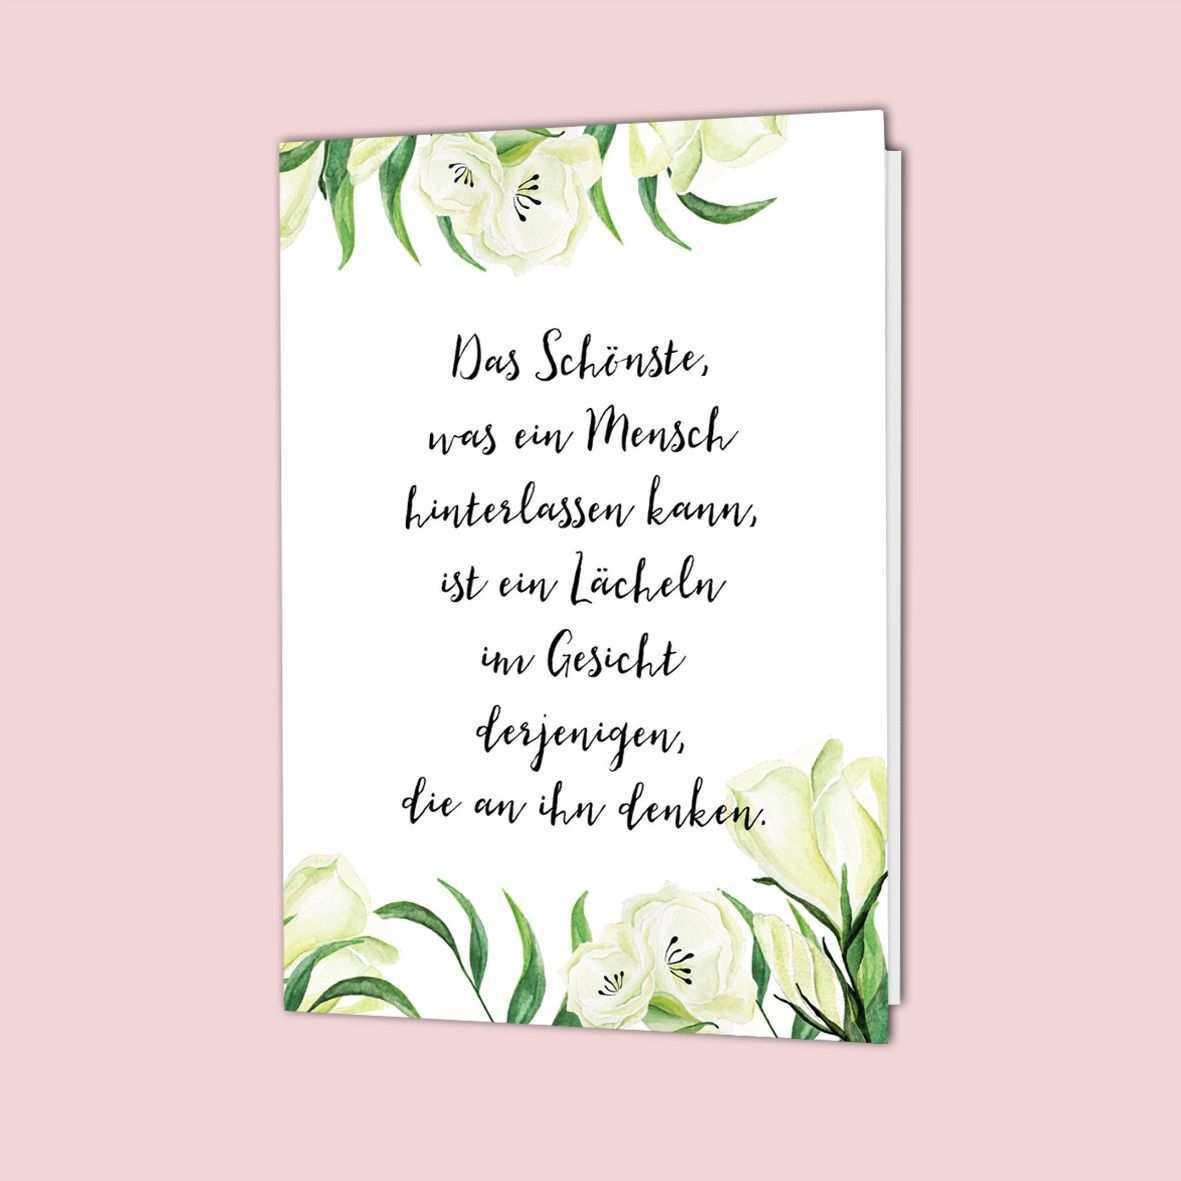 Trauerspruch Trost Trauerkarte Schreiben Trauerspruche Beileid Spruche Spruche Trauer